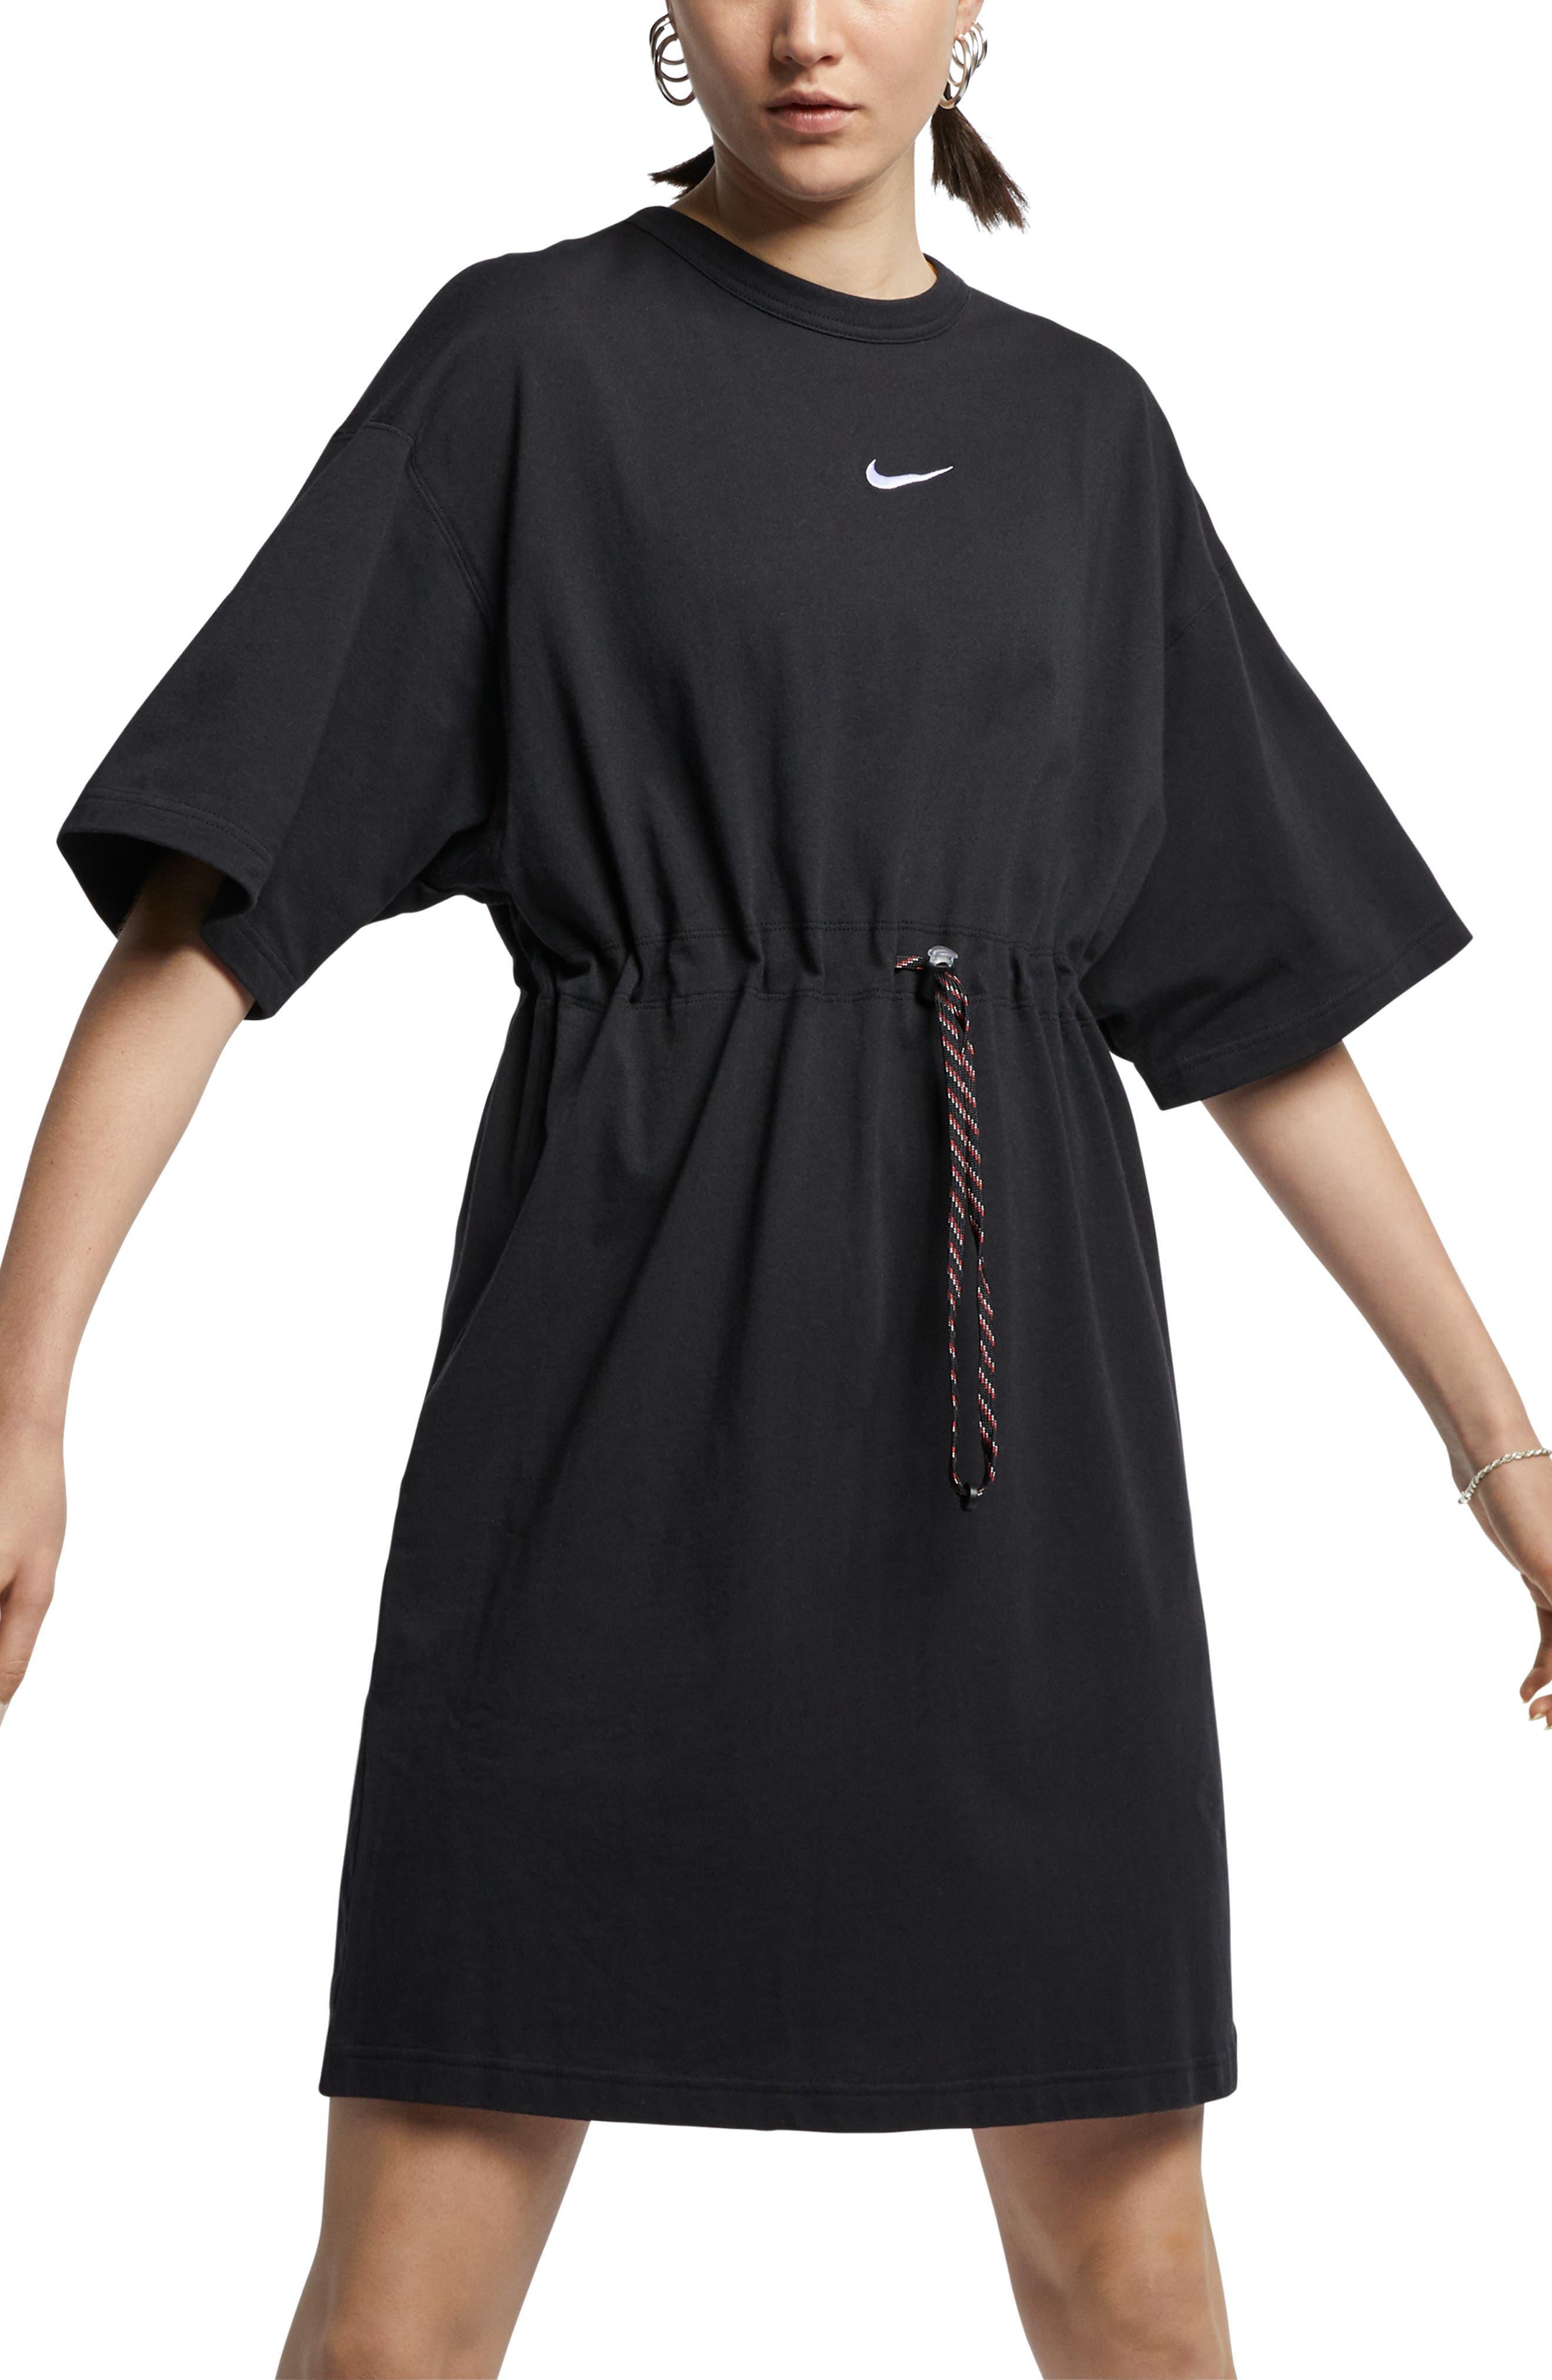 Nike Nikelab Collection Dress, Black